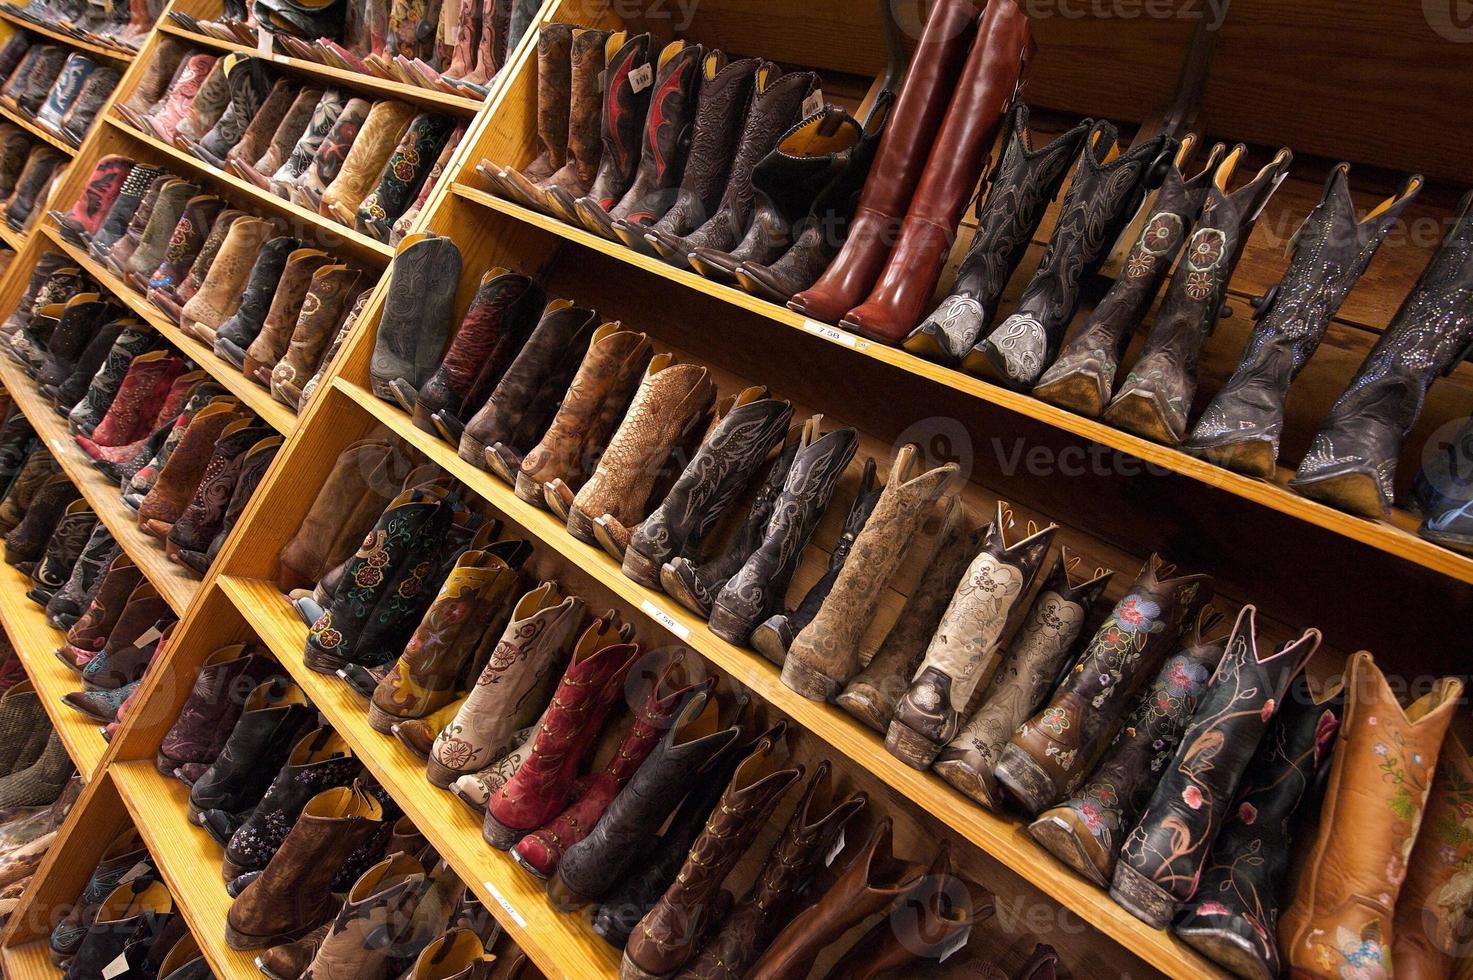 bottes de cowboy pour femmes bordent les étagères, austin, tx, us photo